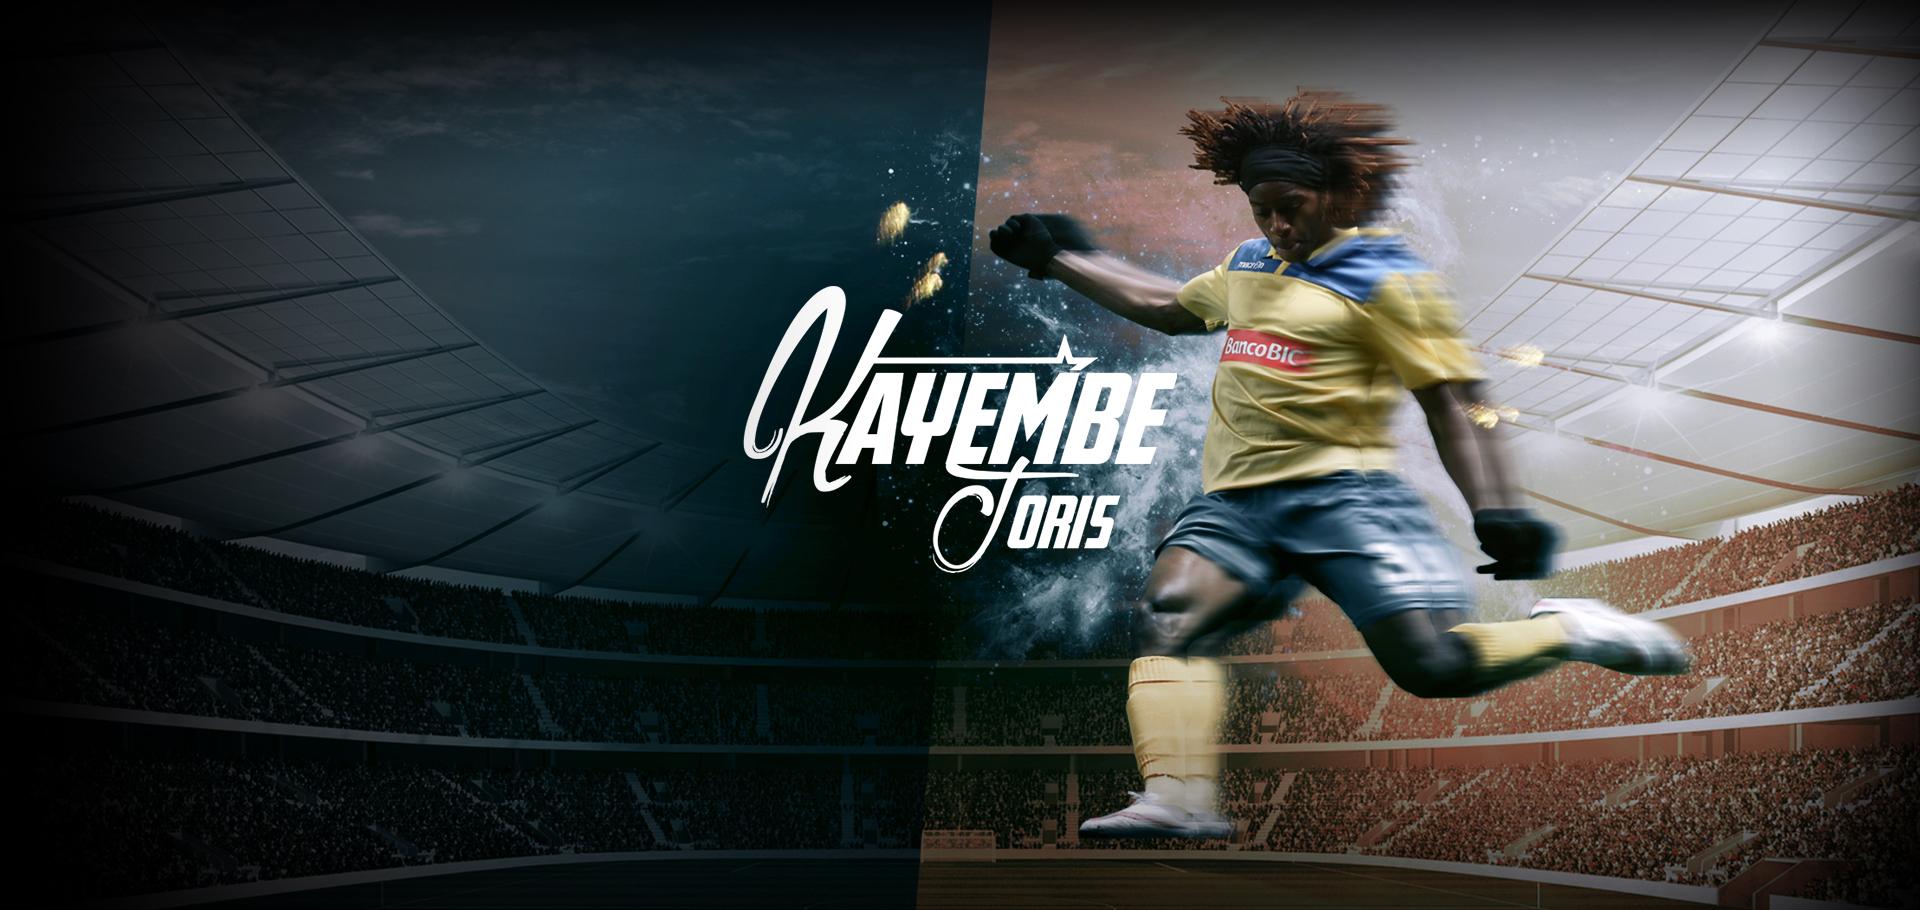 Joris Kayembe